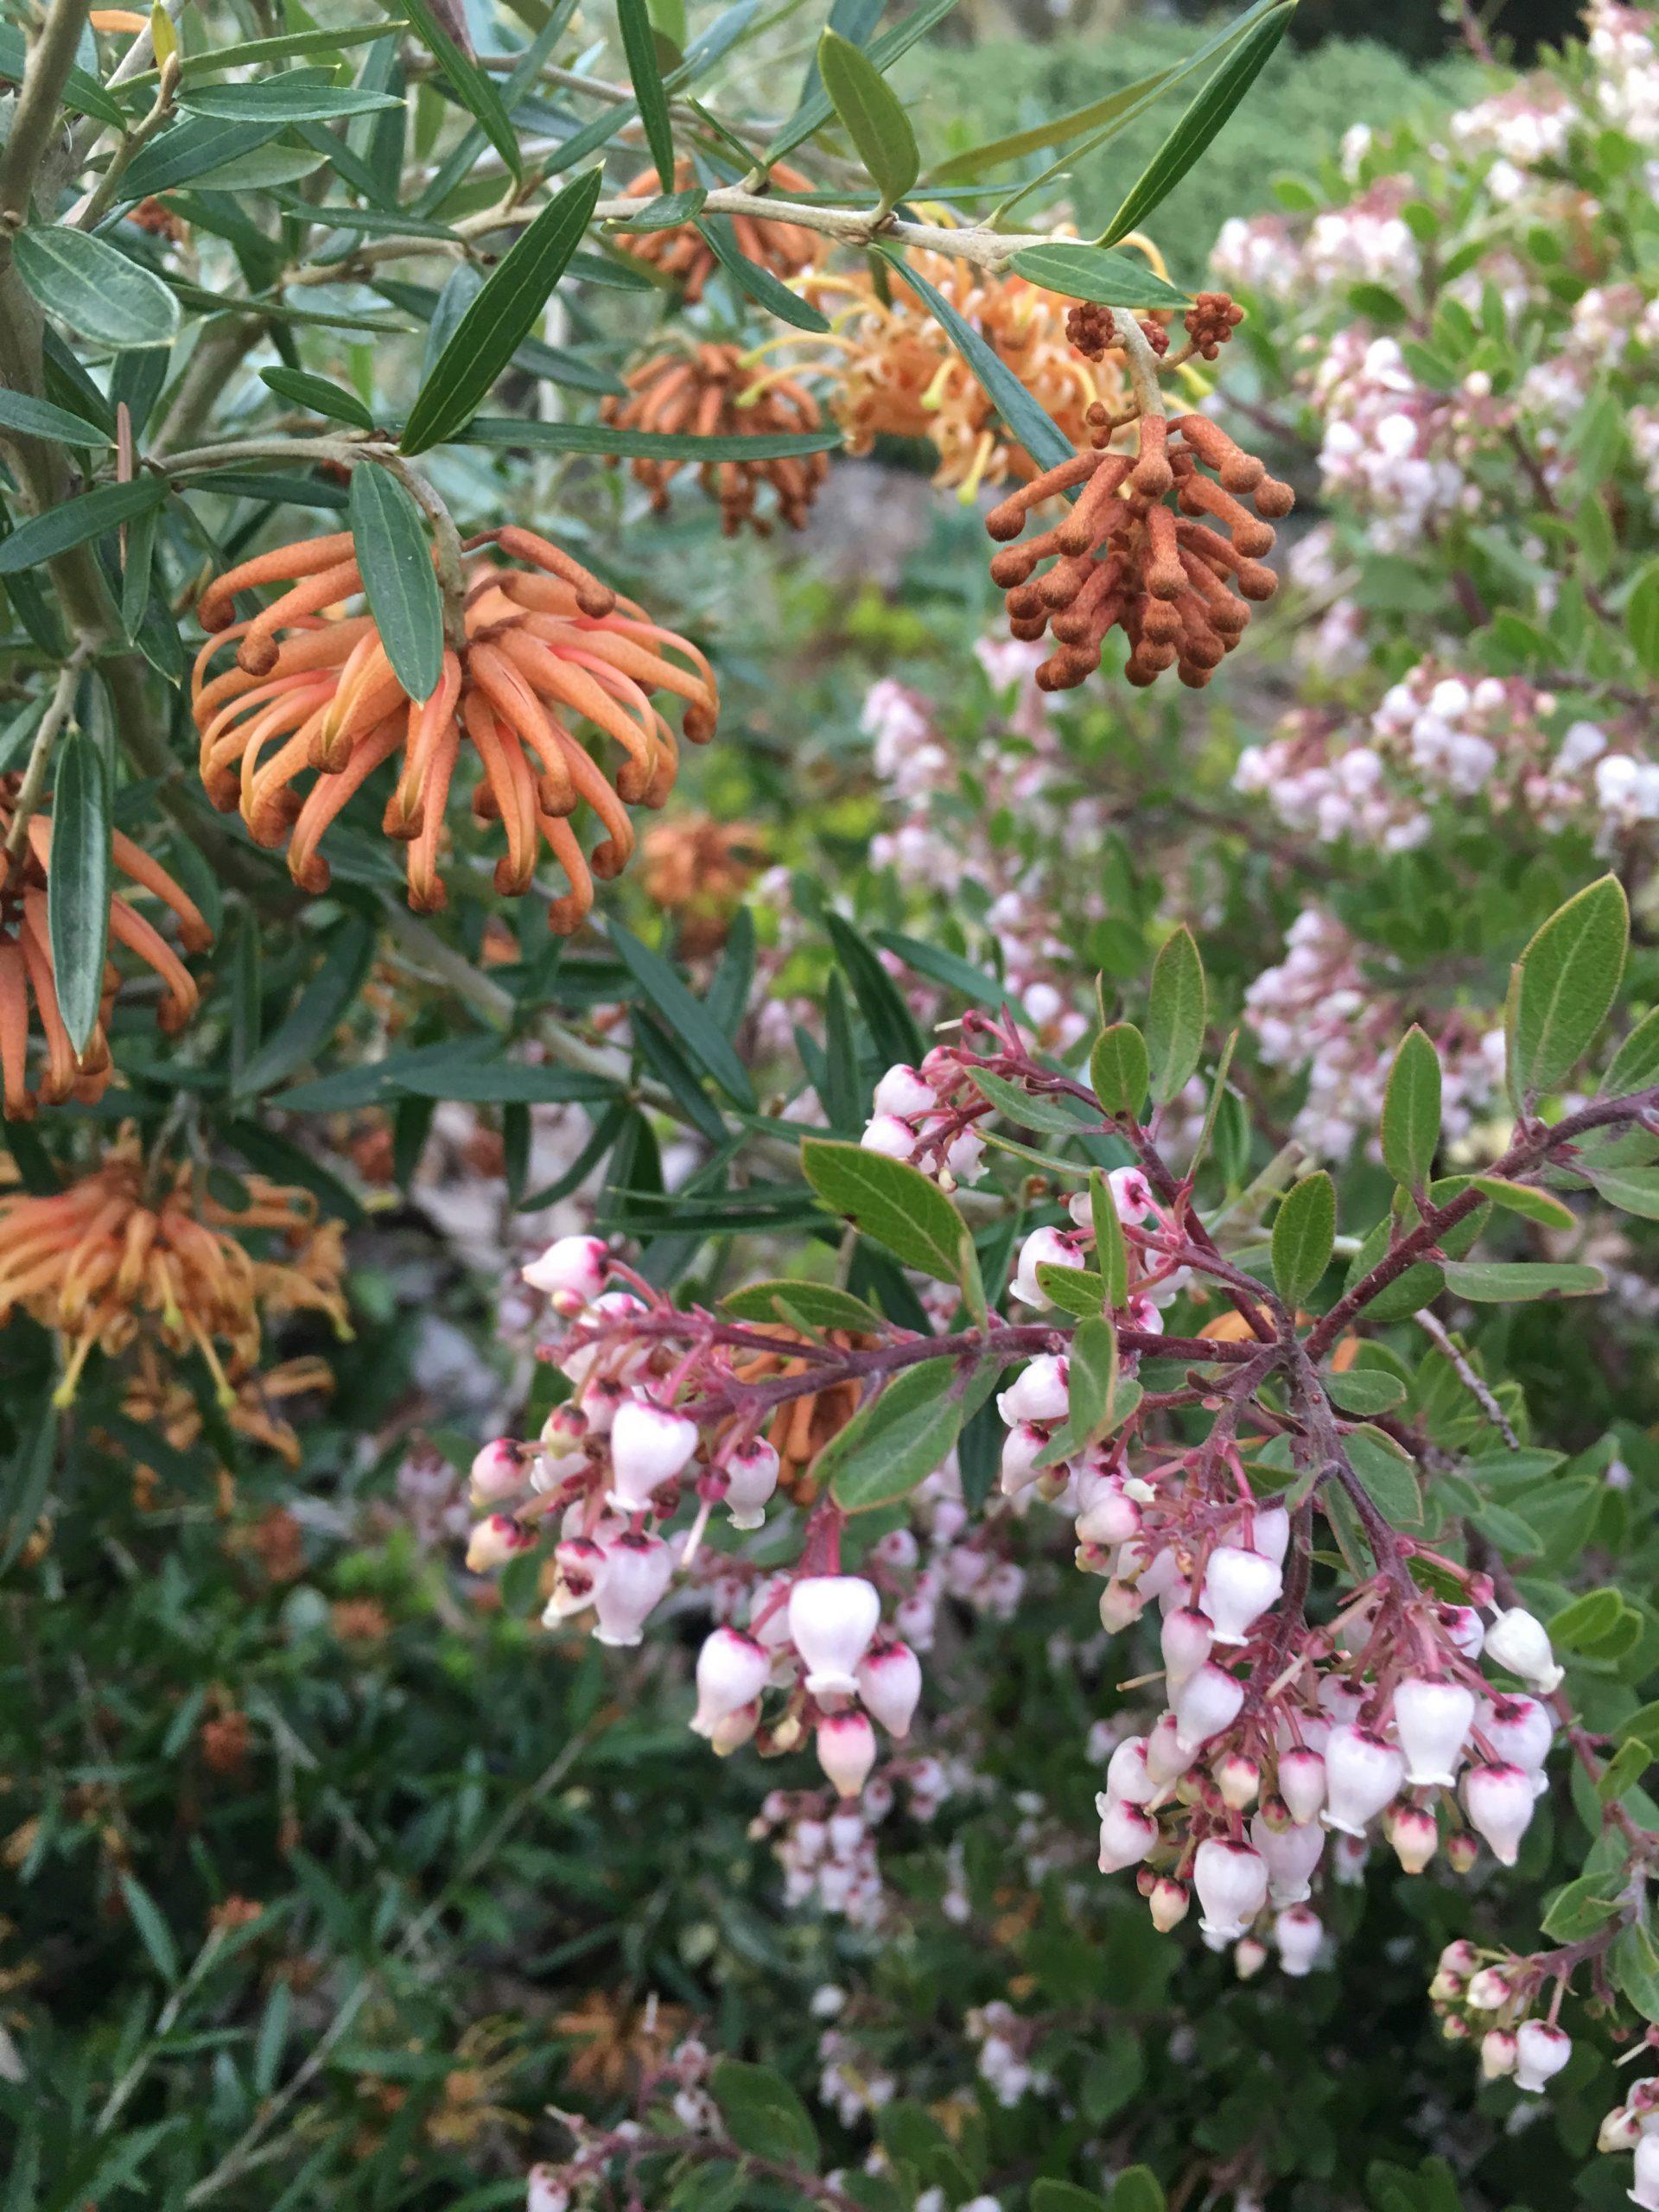 flower close up of Arctostaphylos x hookeri 'White Lanterns'